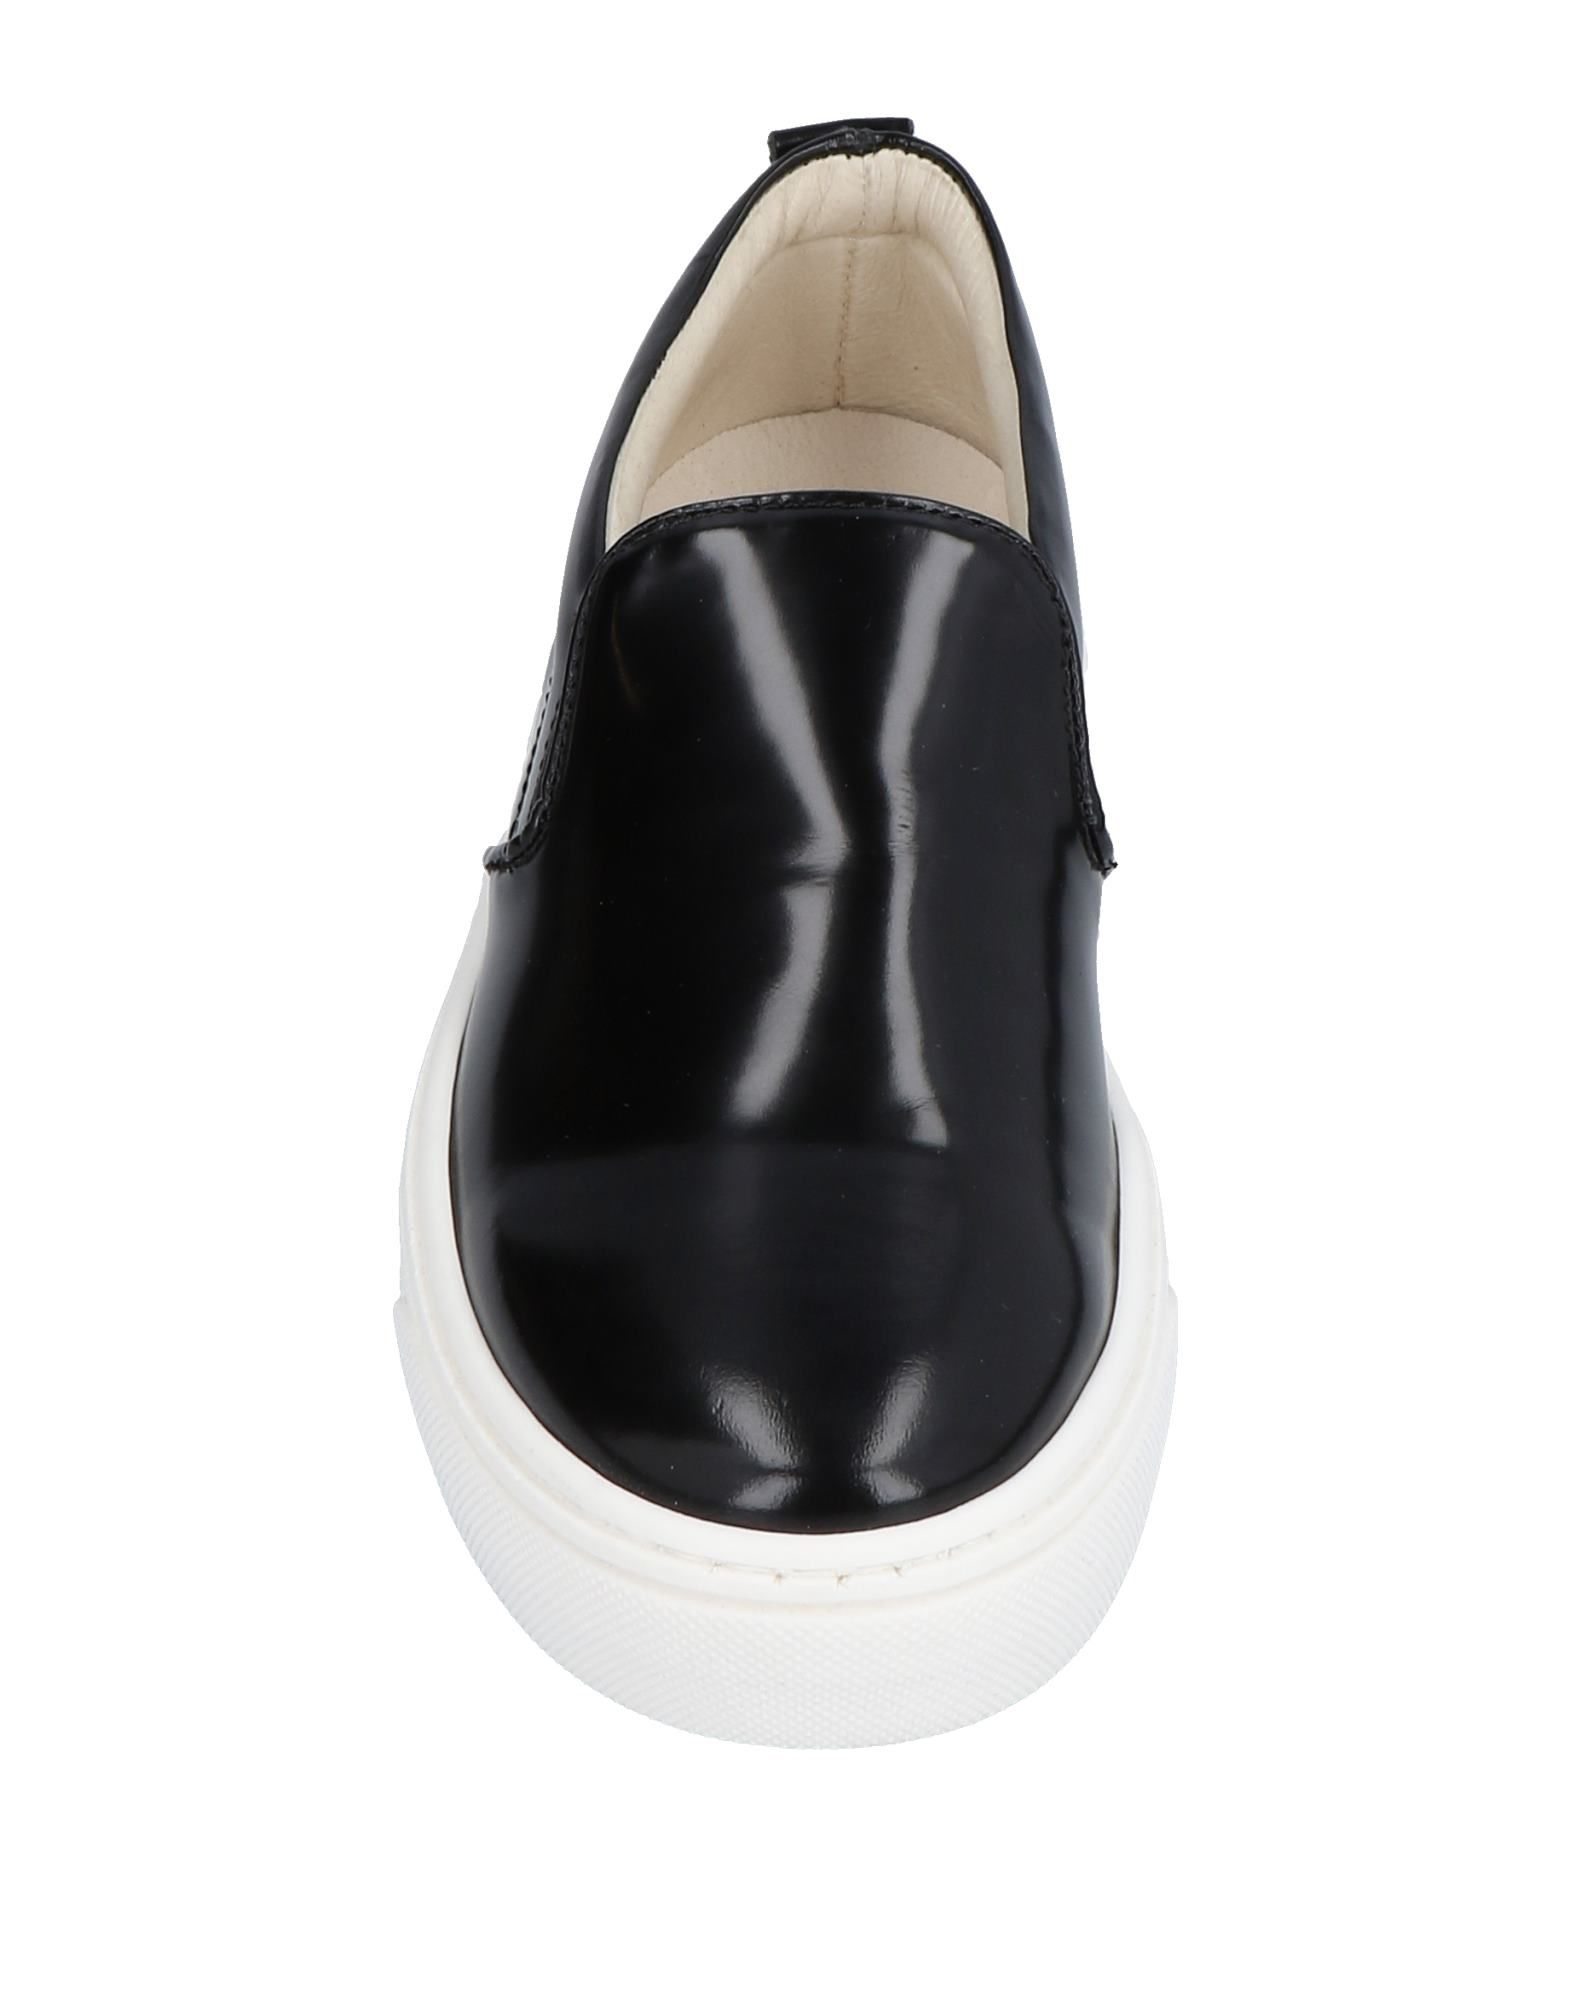 Gut um billige Damen Schuhe zu tragenLiviana Conti Sneakers Damen billige  11498720PR 9043c1